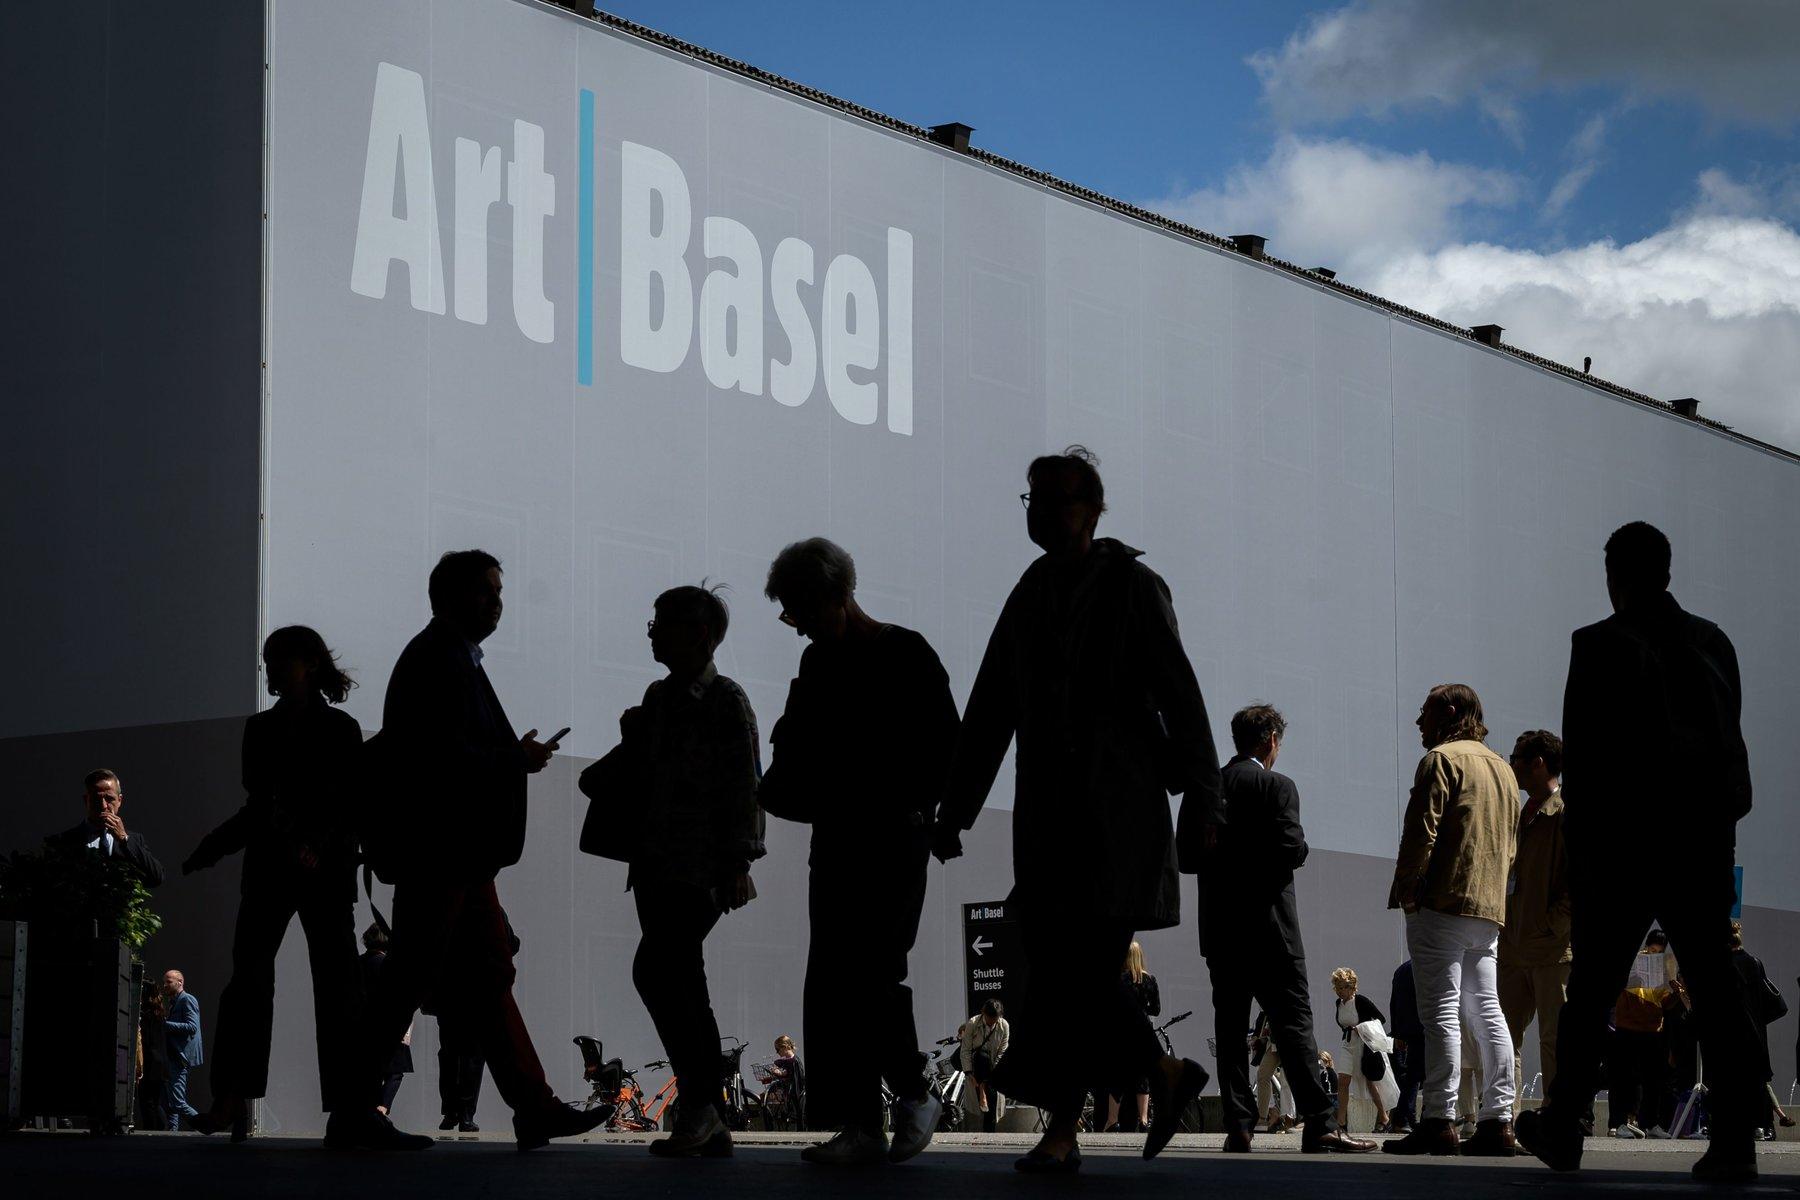 يطلق Art Basel عرضًا افتراضيًا